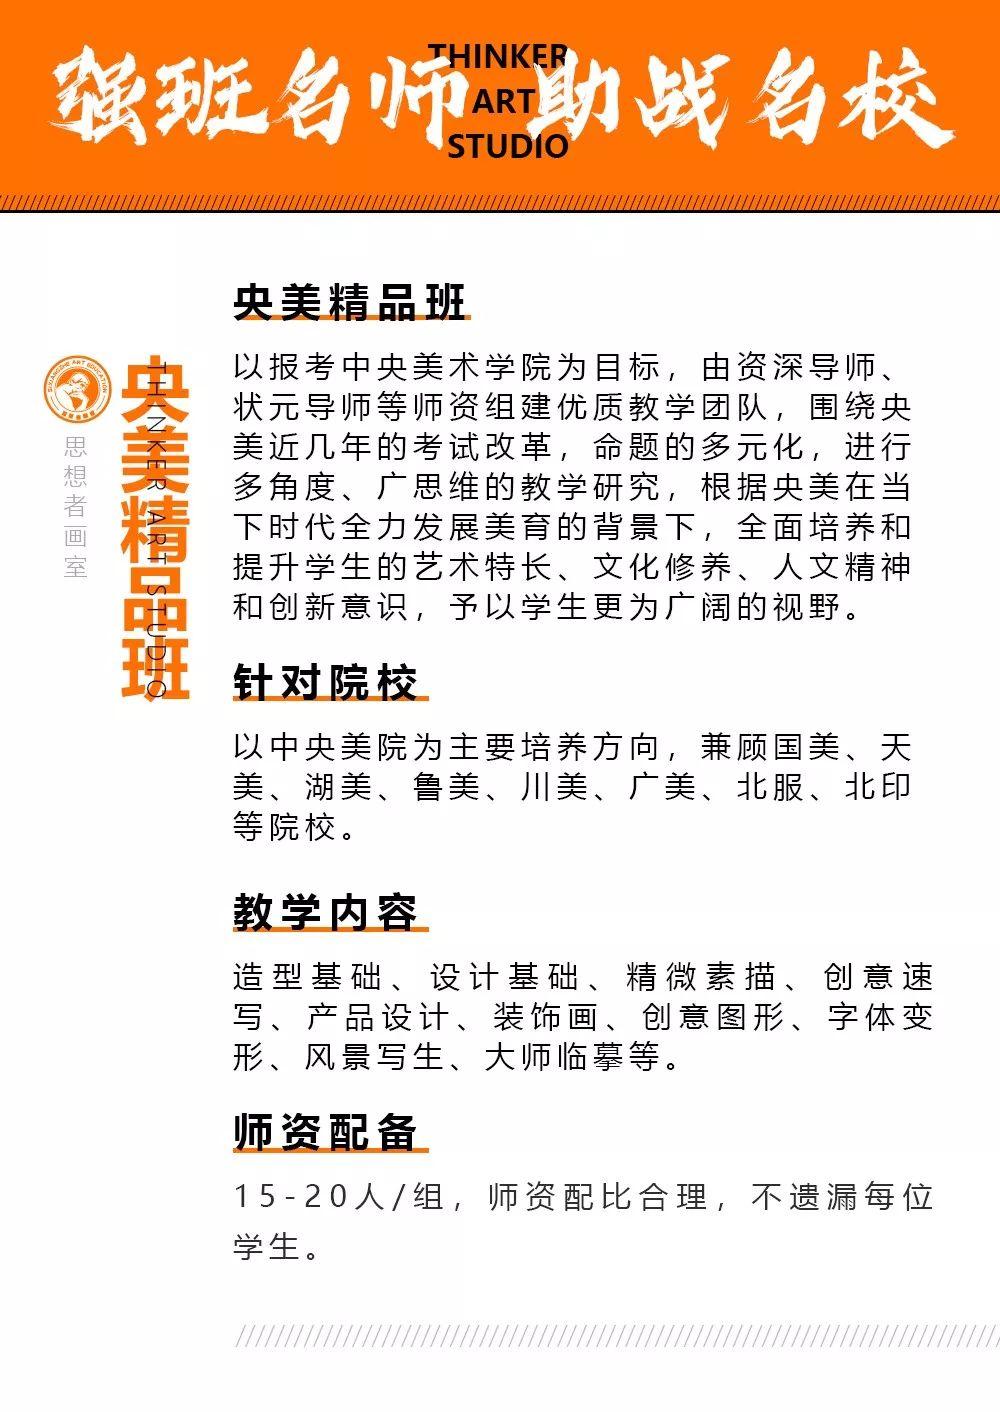 北京思想者画室预报名开启,北京画室招生,北京美术画室    06